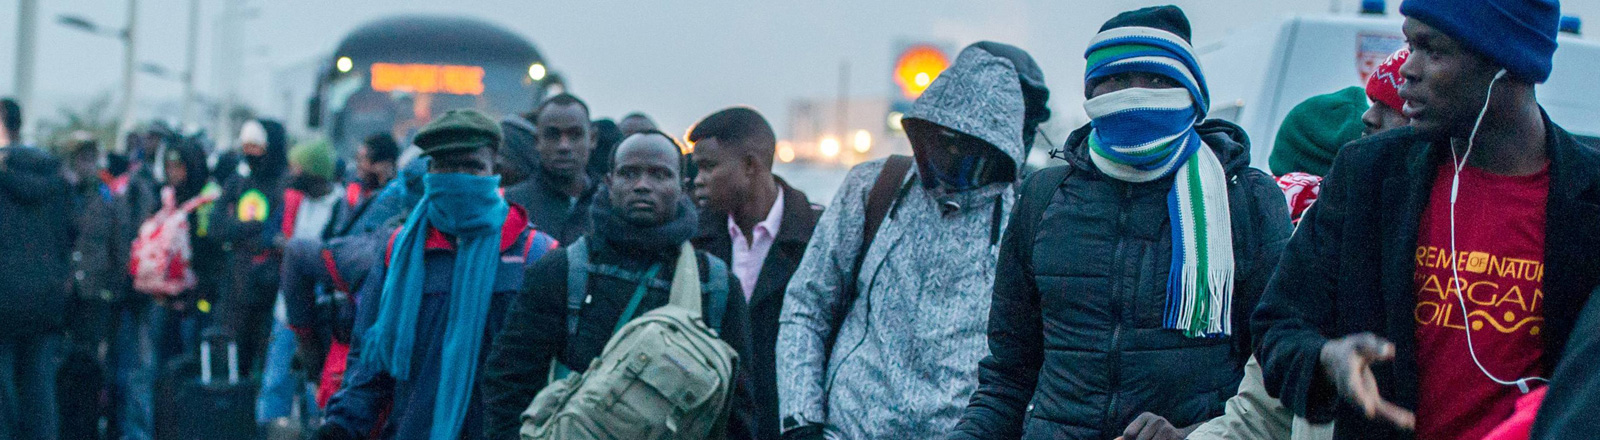 Flüchtlinge in Calais stehen in einer langen Schlange. Im Hintergrund steht ein Bus.